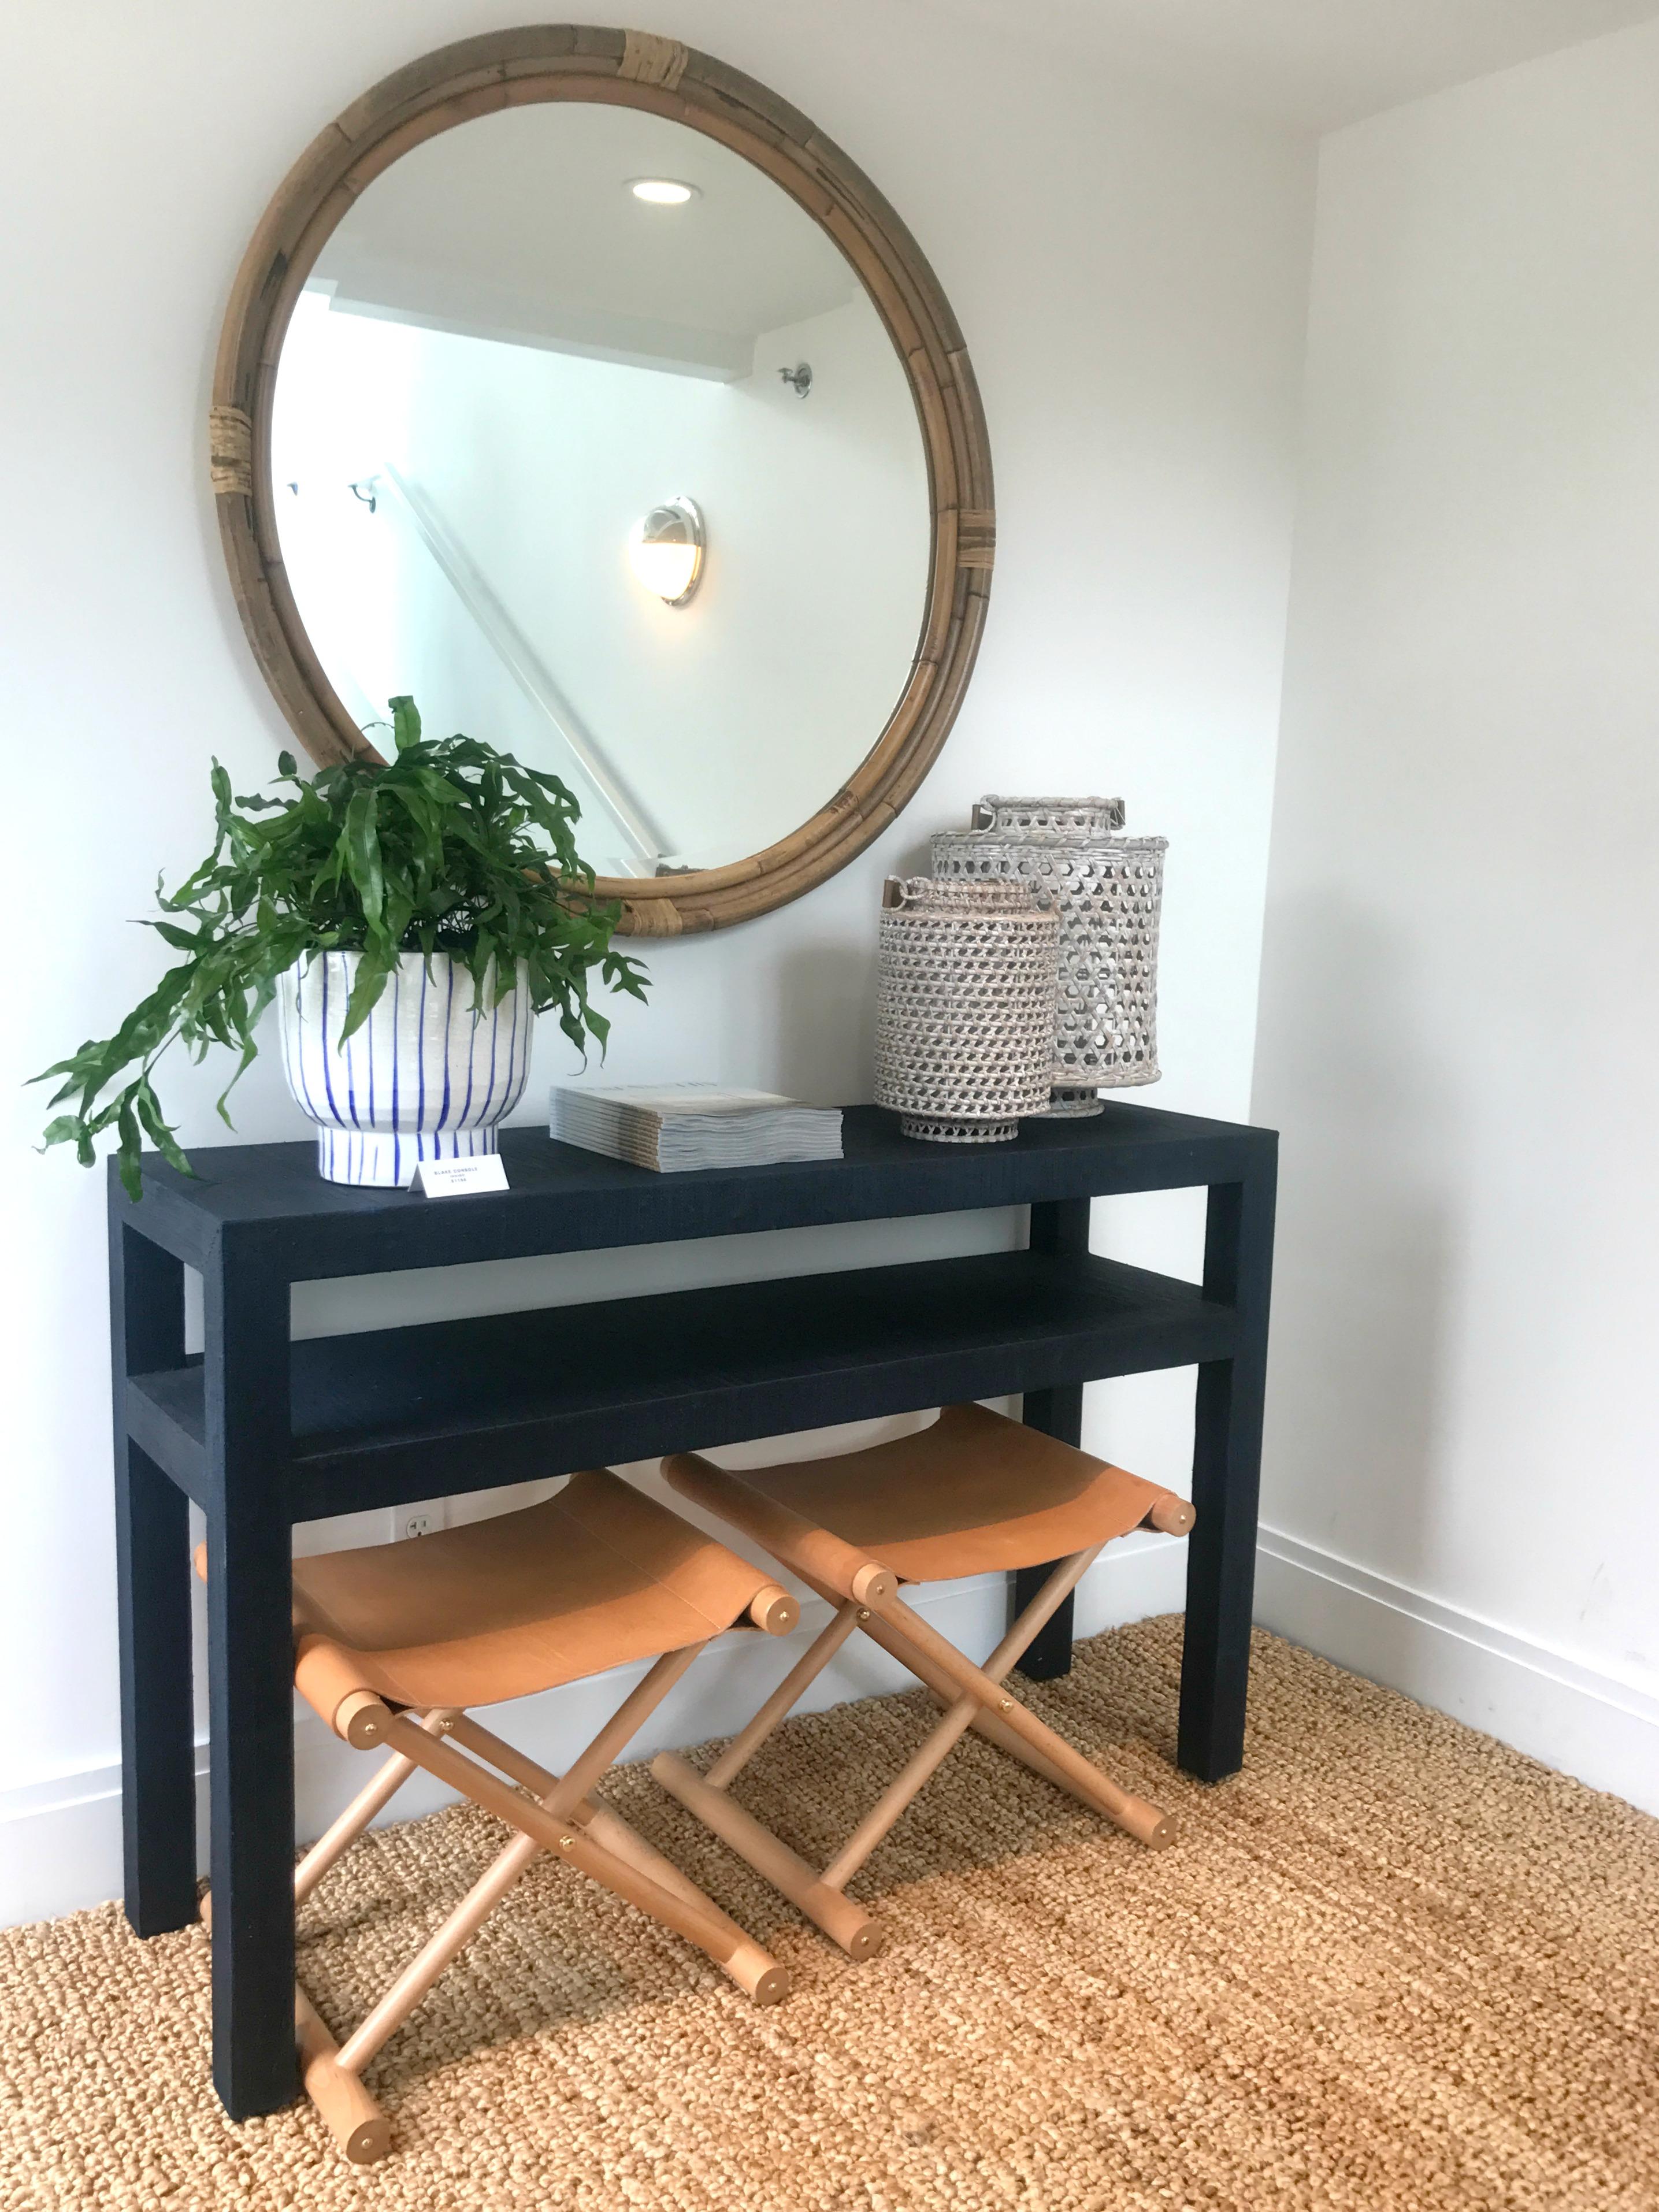 Major Home Decor Inspiration- Where I go for Design Ideas